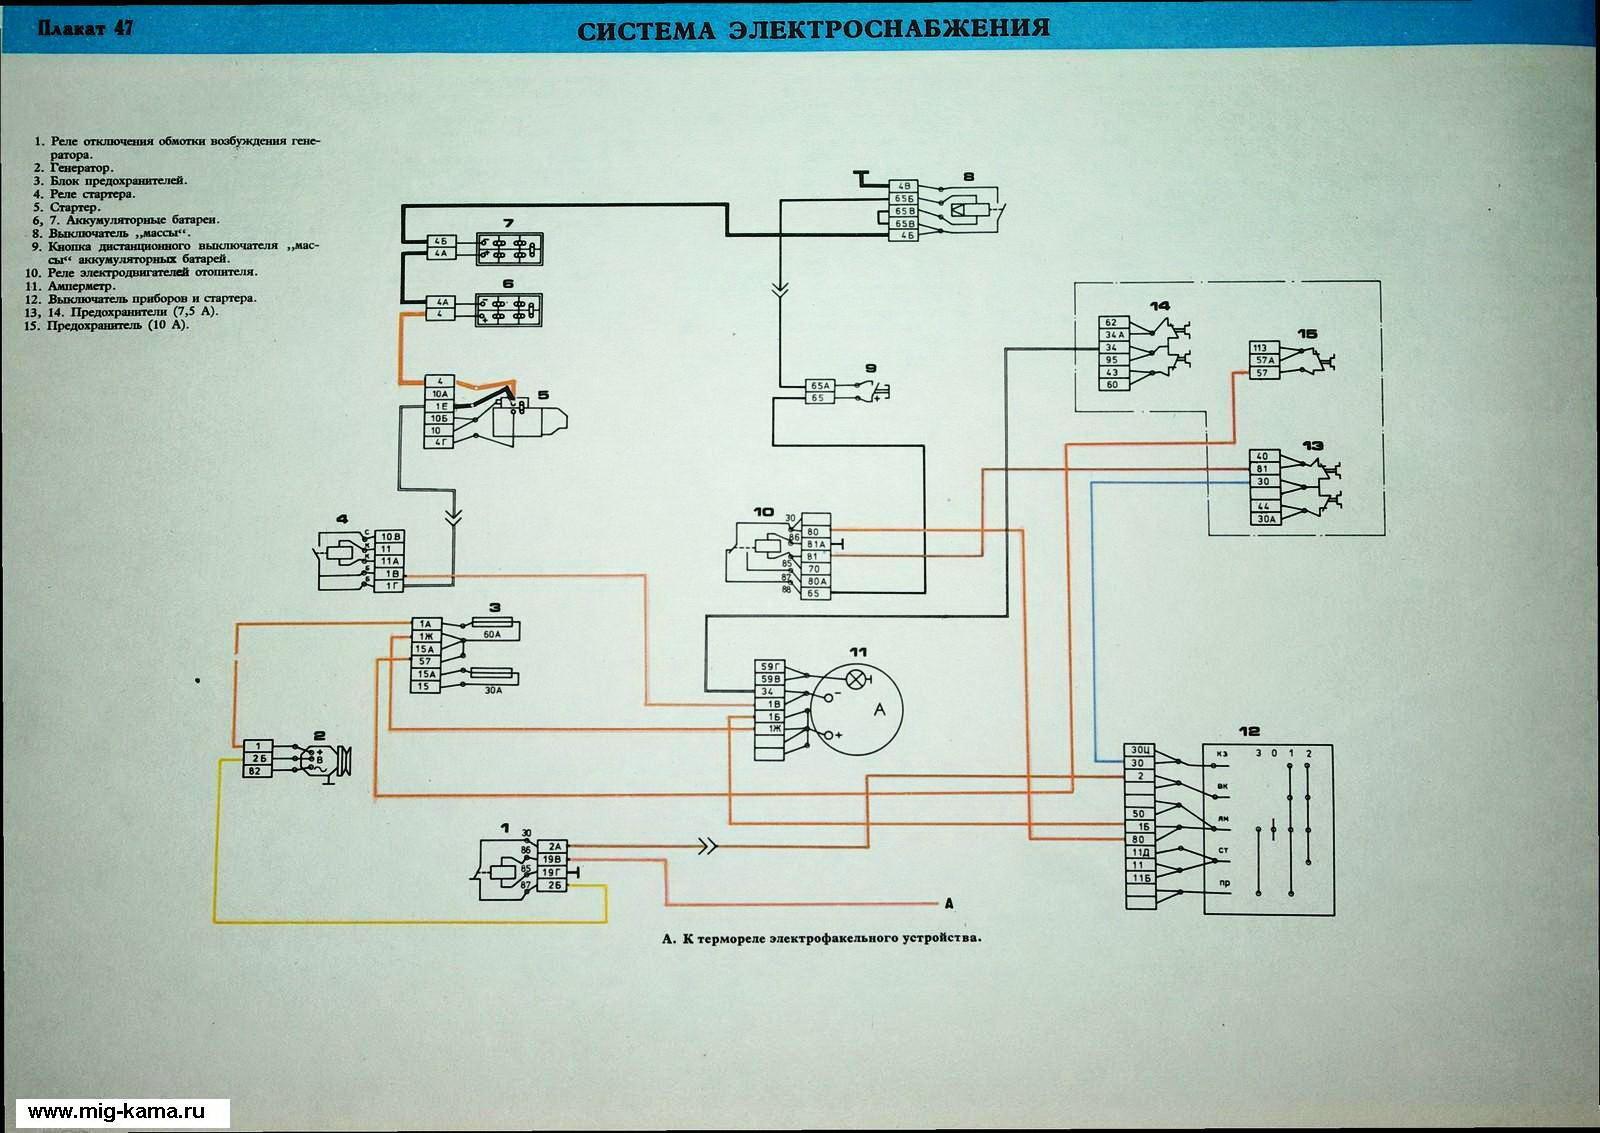 цветная схема электрооборудования камаз 4310 скачать